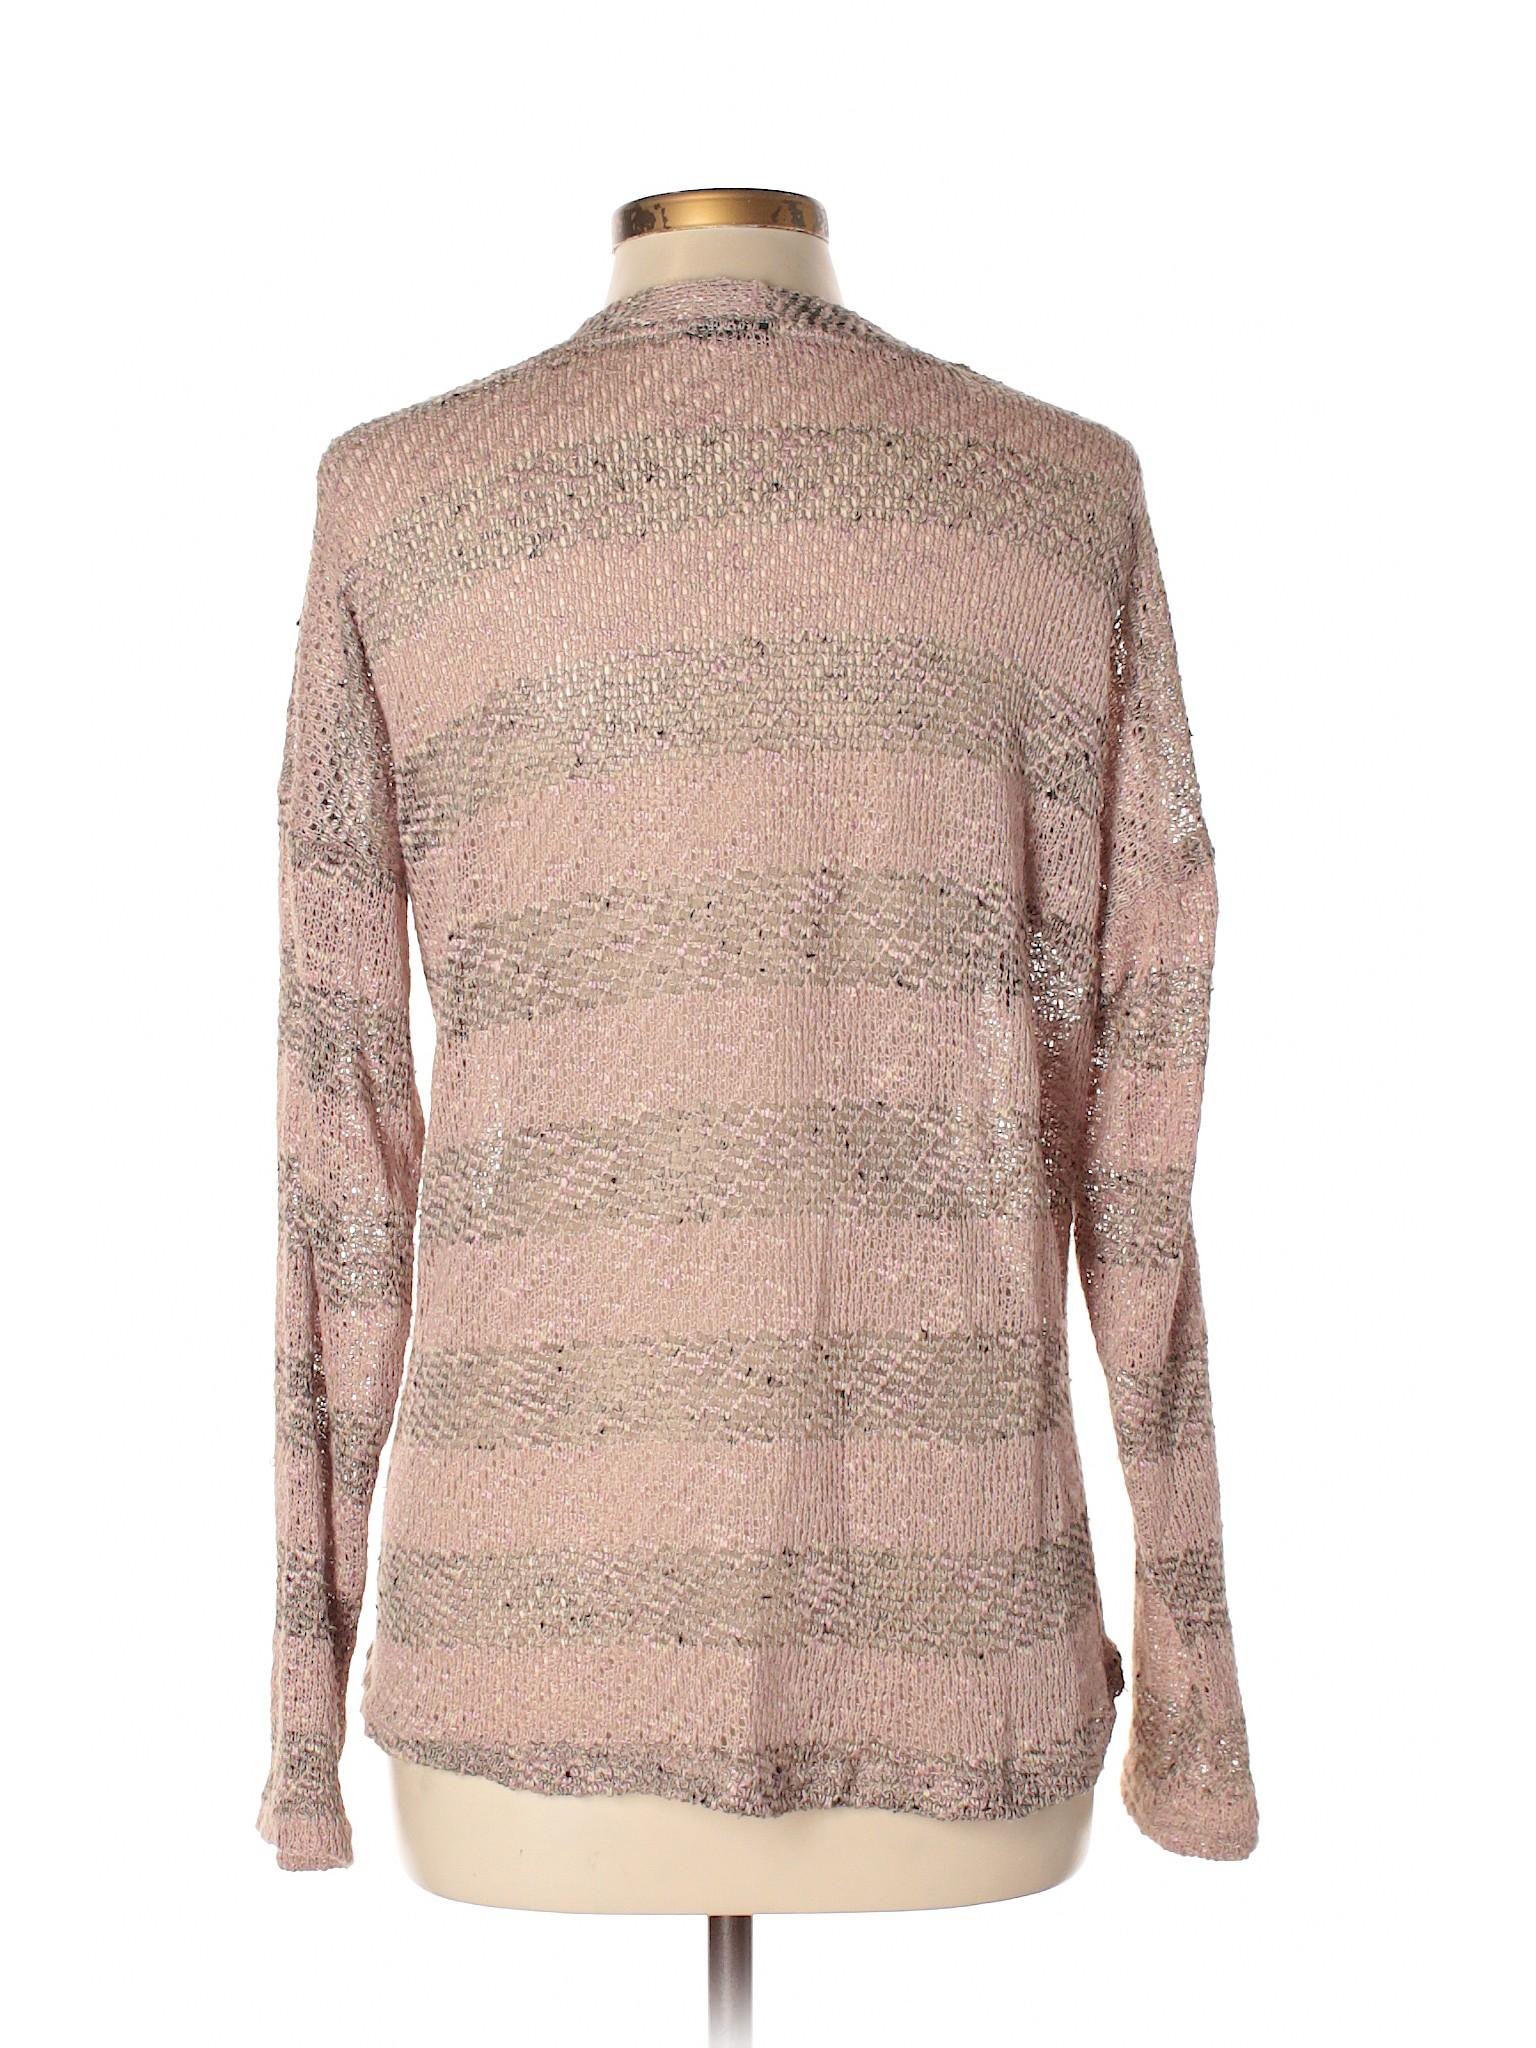 WallpapHER winter WallpapHER Boutique winter Pullover Sweater WallpapHER Boutique Pullover winter Boutique Sweater Pullover zqZFvwt